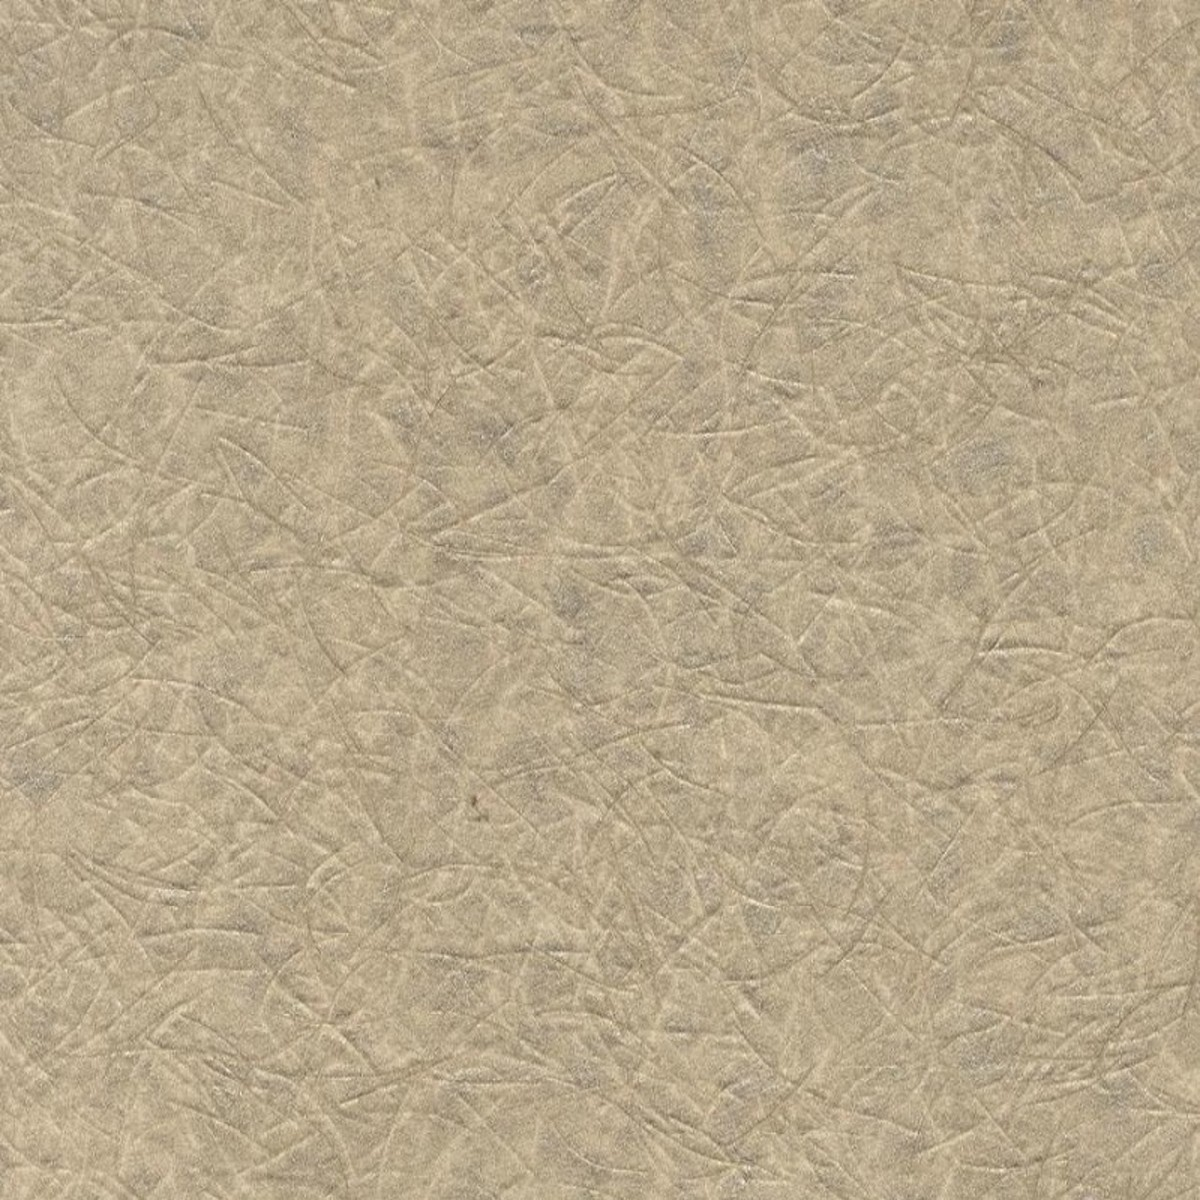 Флизелиновые обои York Wallcoverings серые IAT-330K 0.68 м